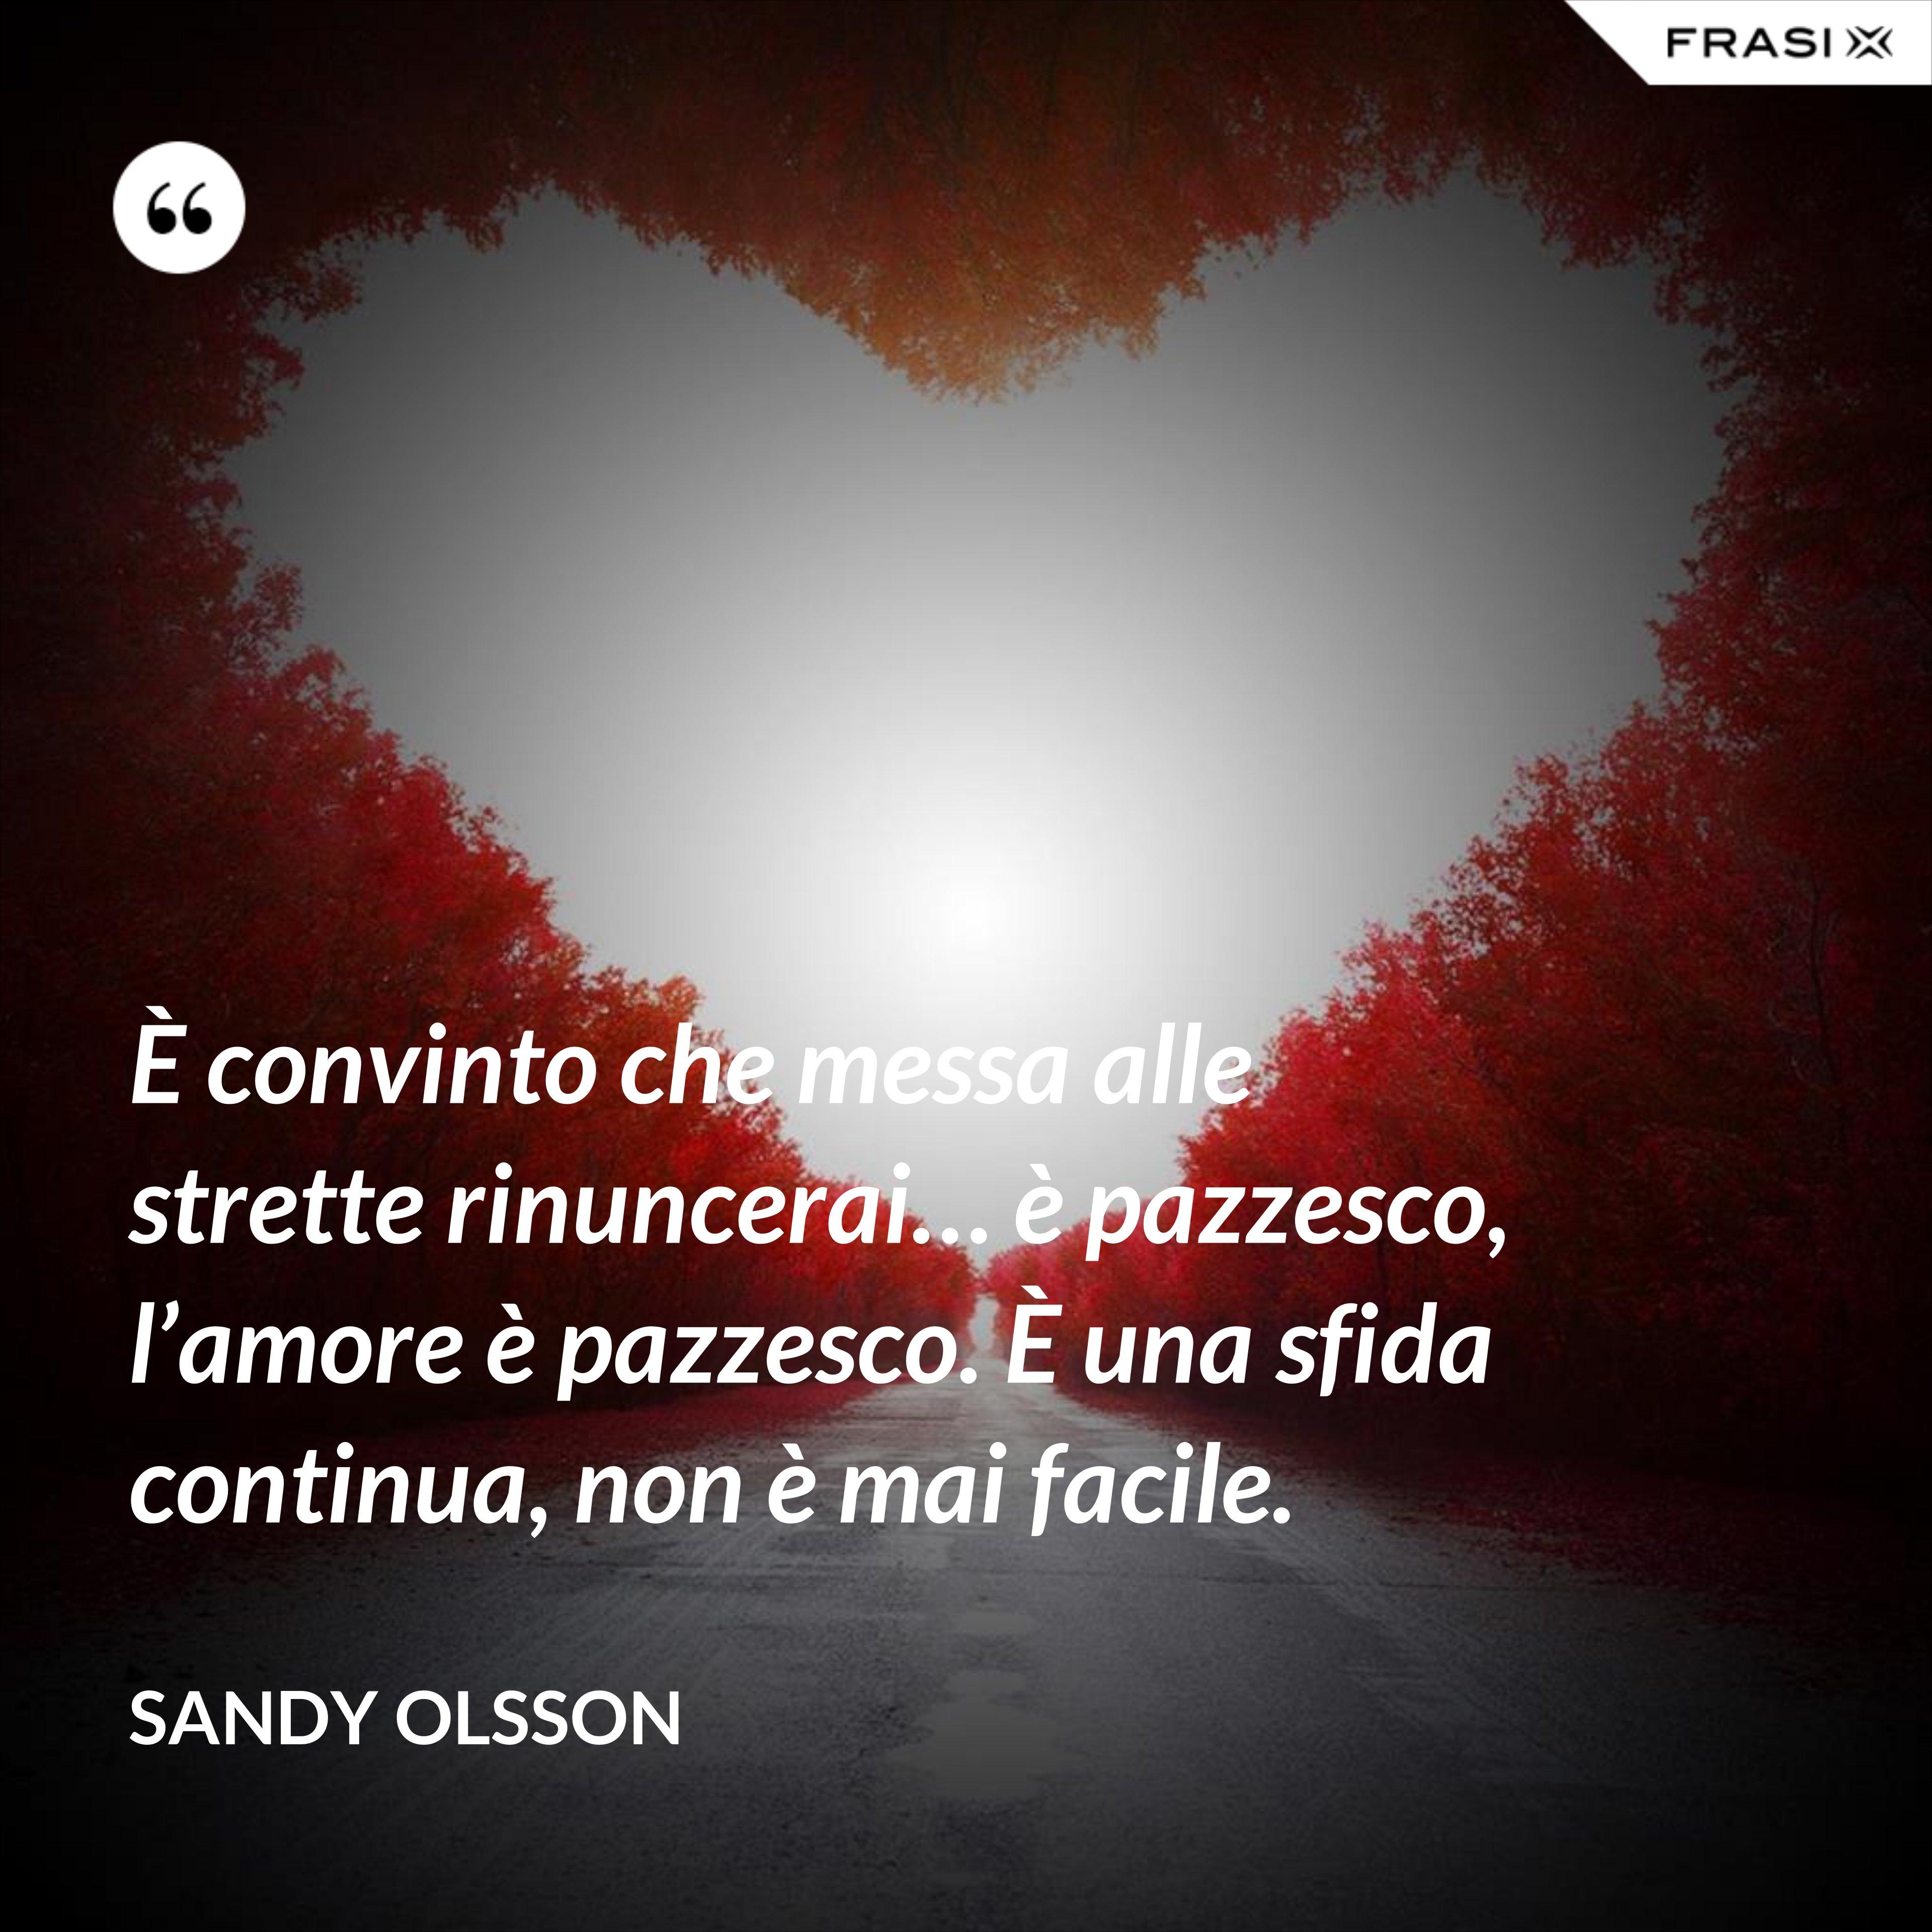 È convinto che messa alle strette rinuncerai… è pazzesco, l'amore è pazzesco. È una sfida continua, non è mai facile. - Sandy Olsson